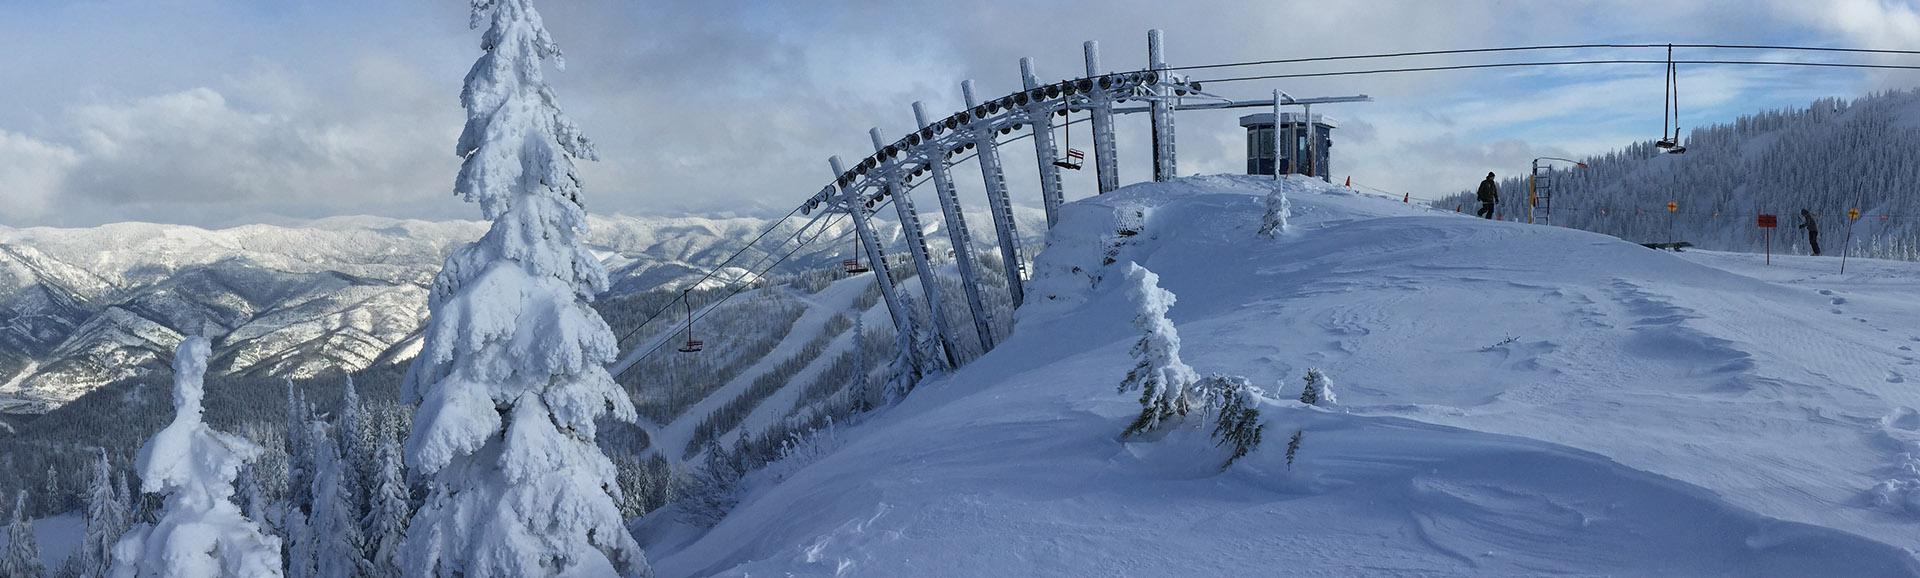 Silver Mountain Web Cams desktop image